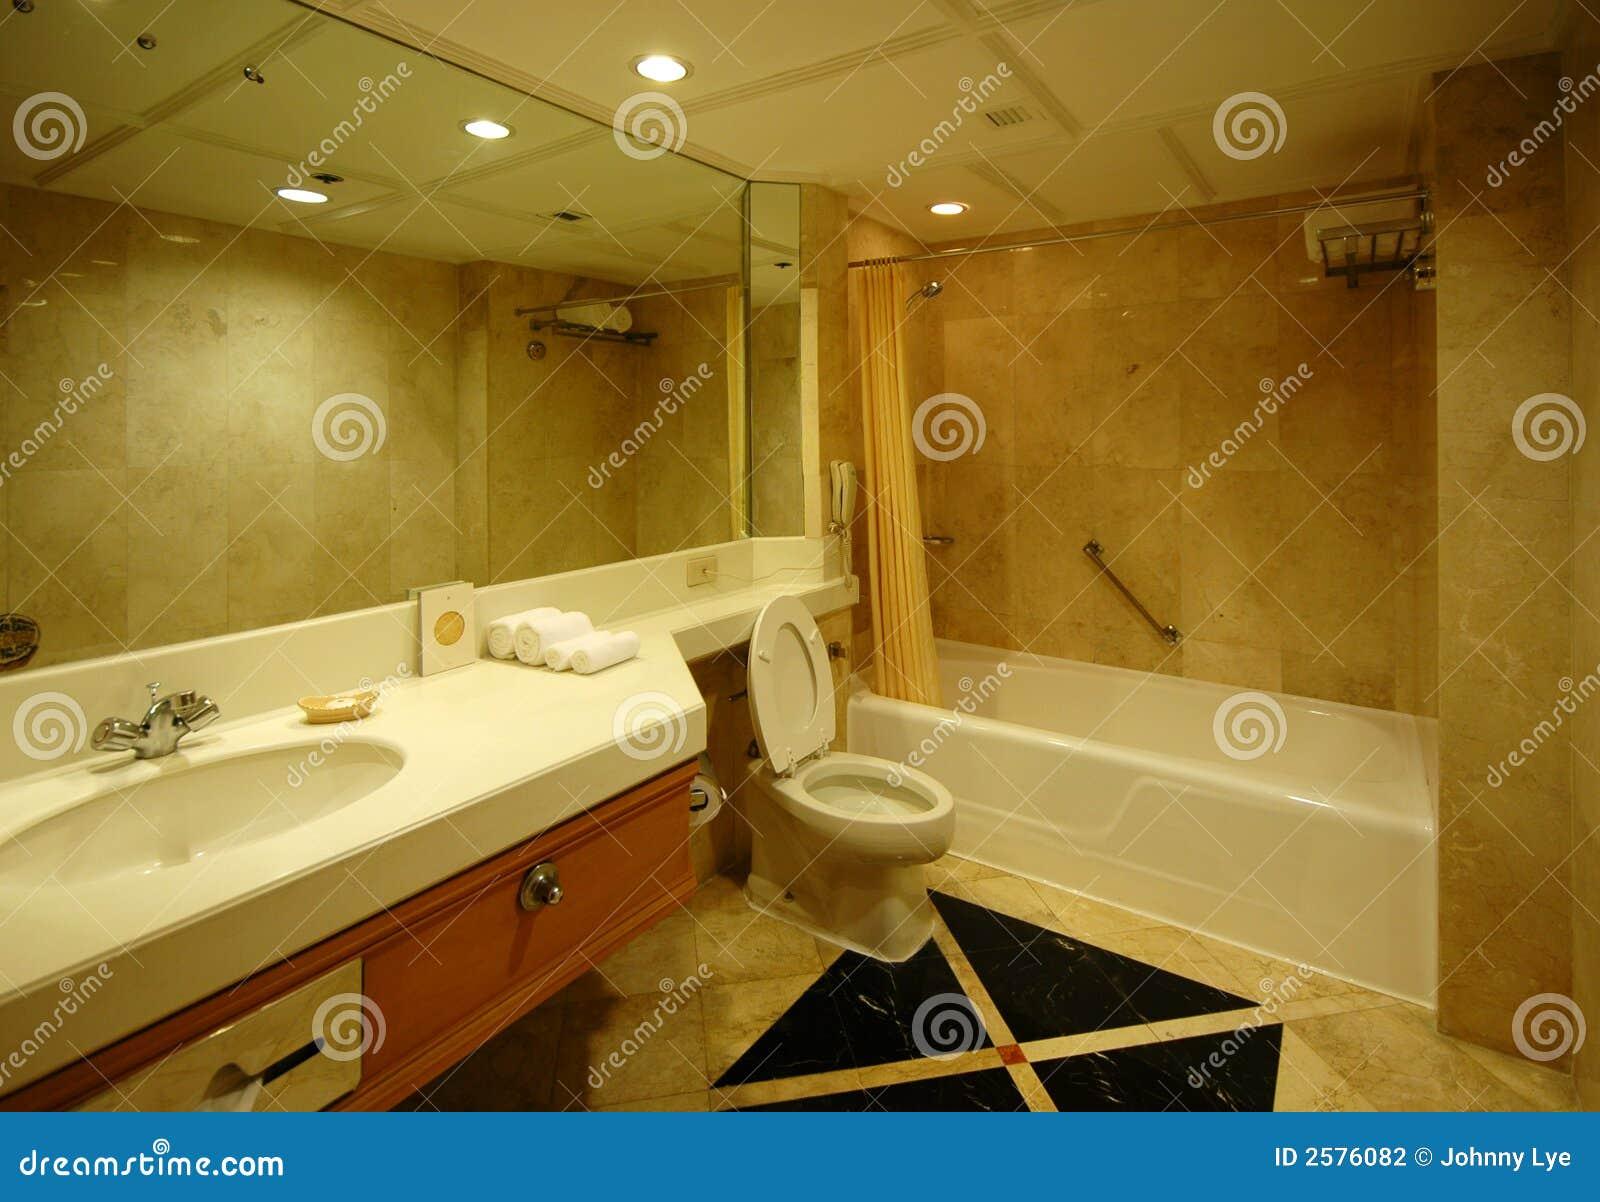 Traumbadezimmer stockfoto. Bild von waschraum, geräumig - 2576082